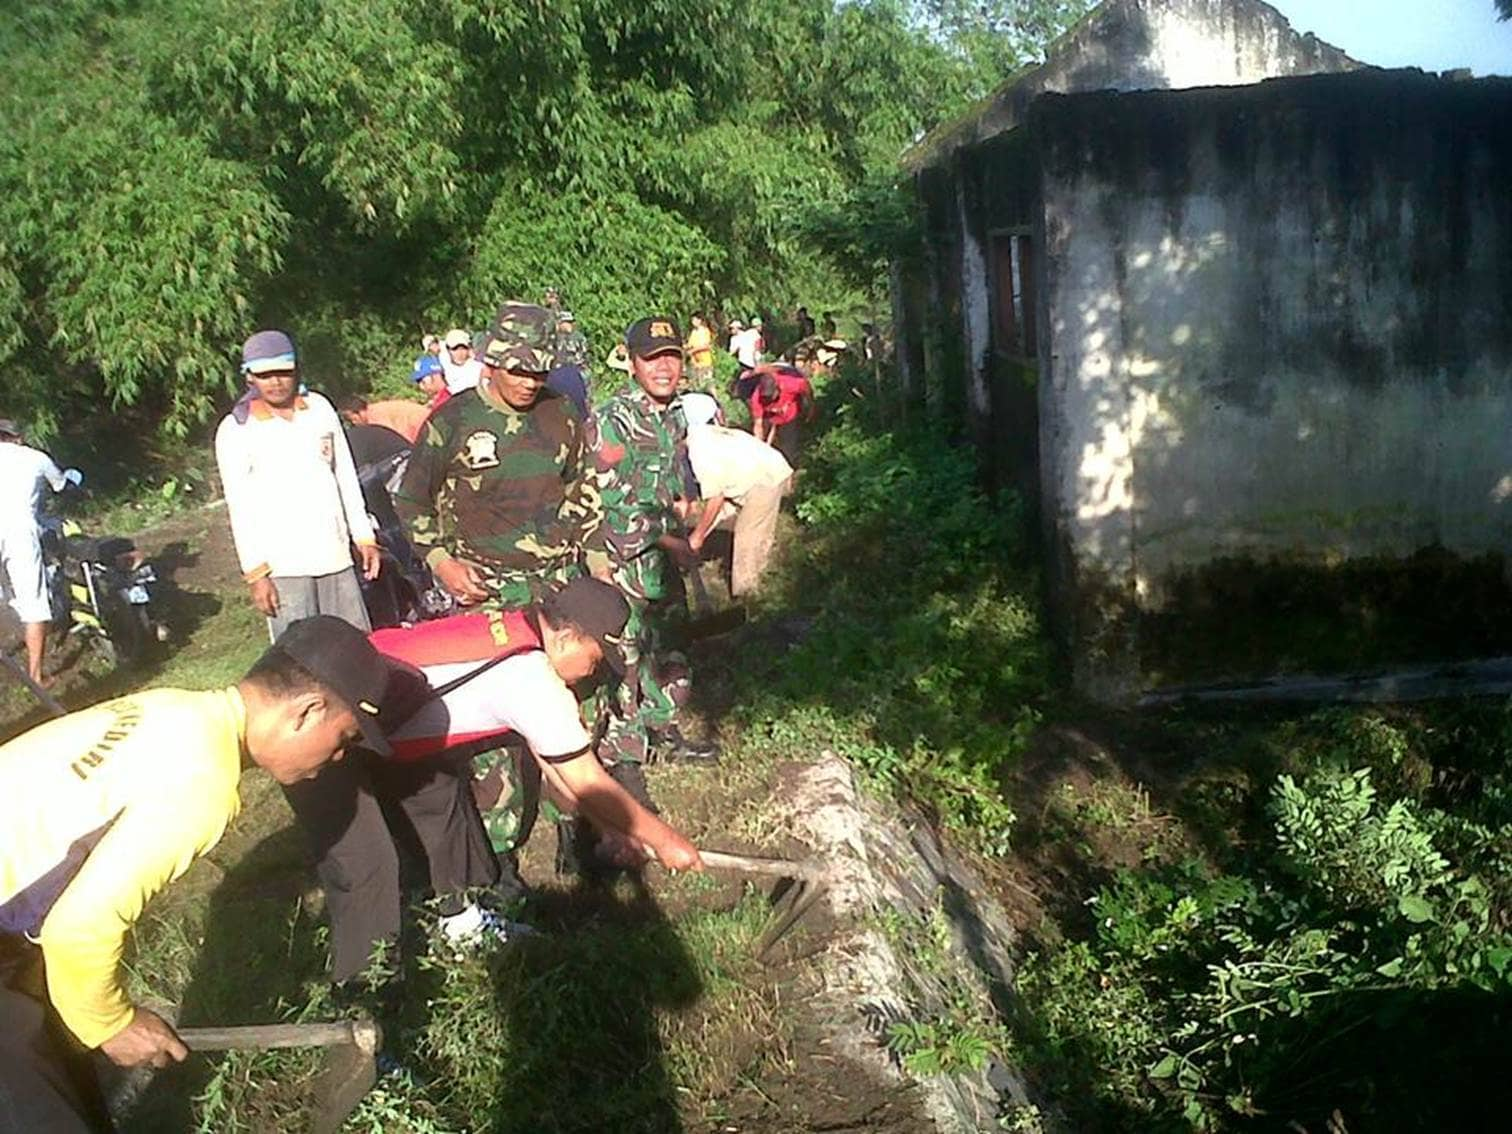 Pembersihan Sungai oleh Koramil Pagu bersama Masyarakat, Antisipasi Banjir Masuki Musim Hujan